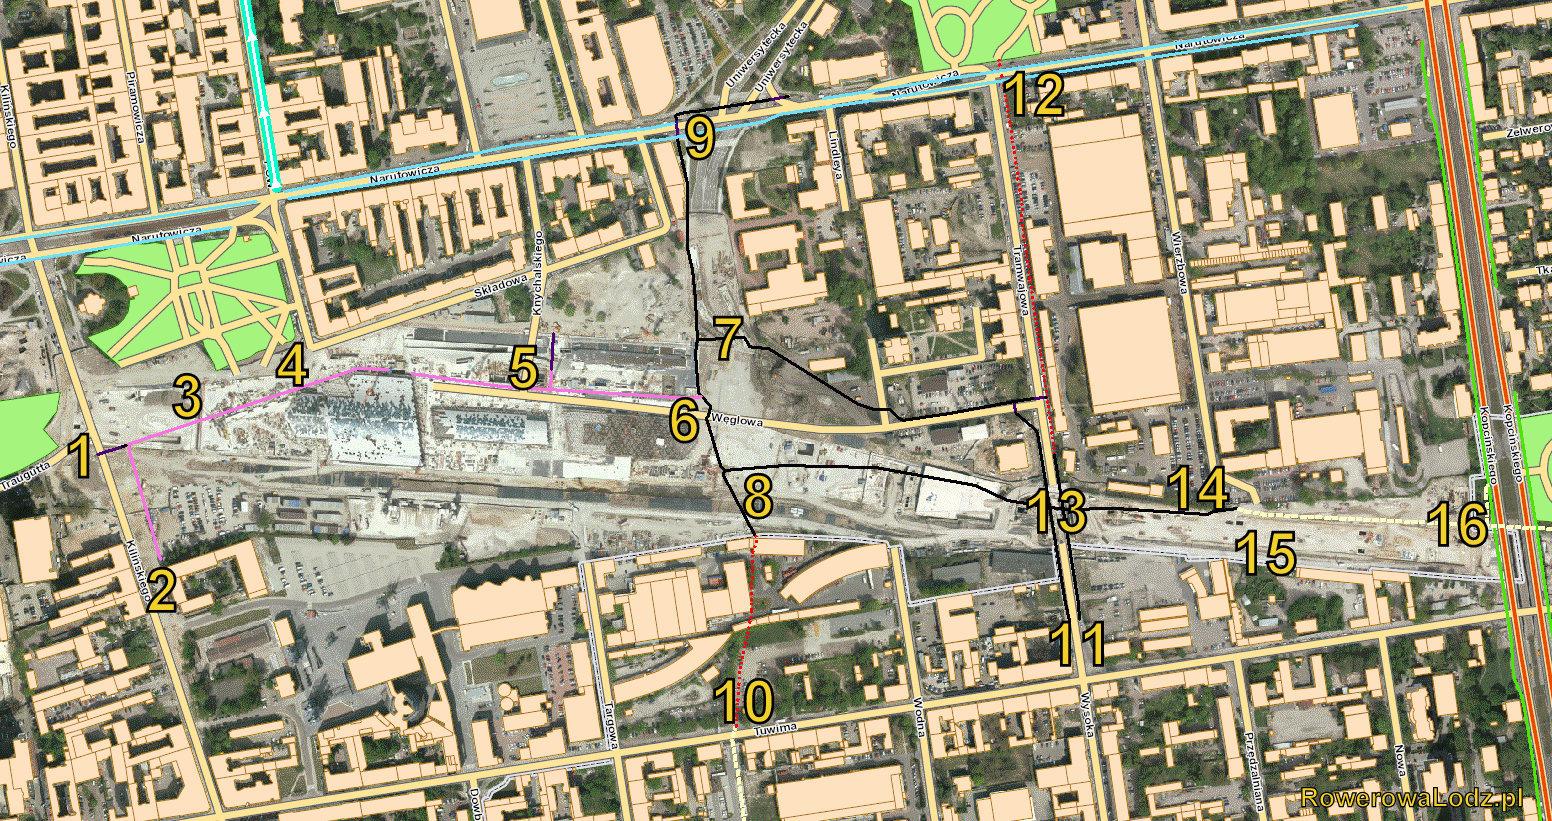 Kolorem czarnym: droga dla rowerów. Kolorem czerwonym: budowana DDR. Kolorem różowym ciąg pieszo-rowerowy z kostki granitowej. Kolor błękitny: jezdnia z sierżantami rowerowymi. Kolorem zielonym: ciągi pieszo-rowerowe wyznaczone na chodnikach z płyt.